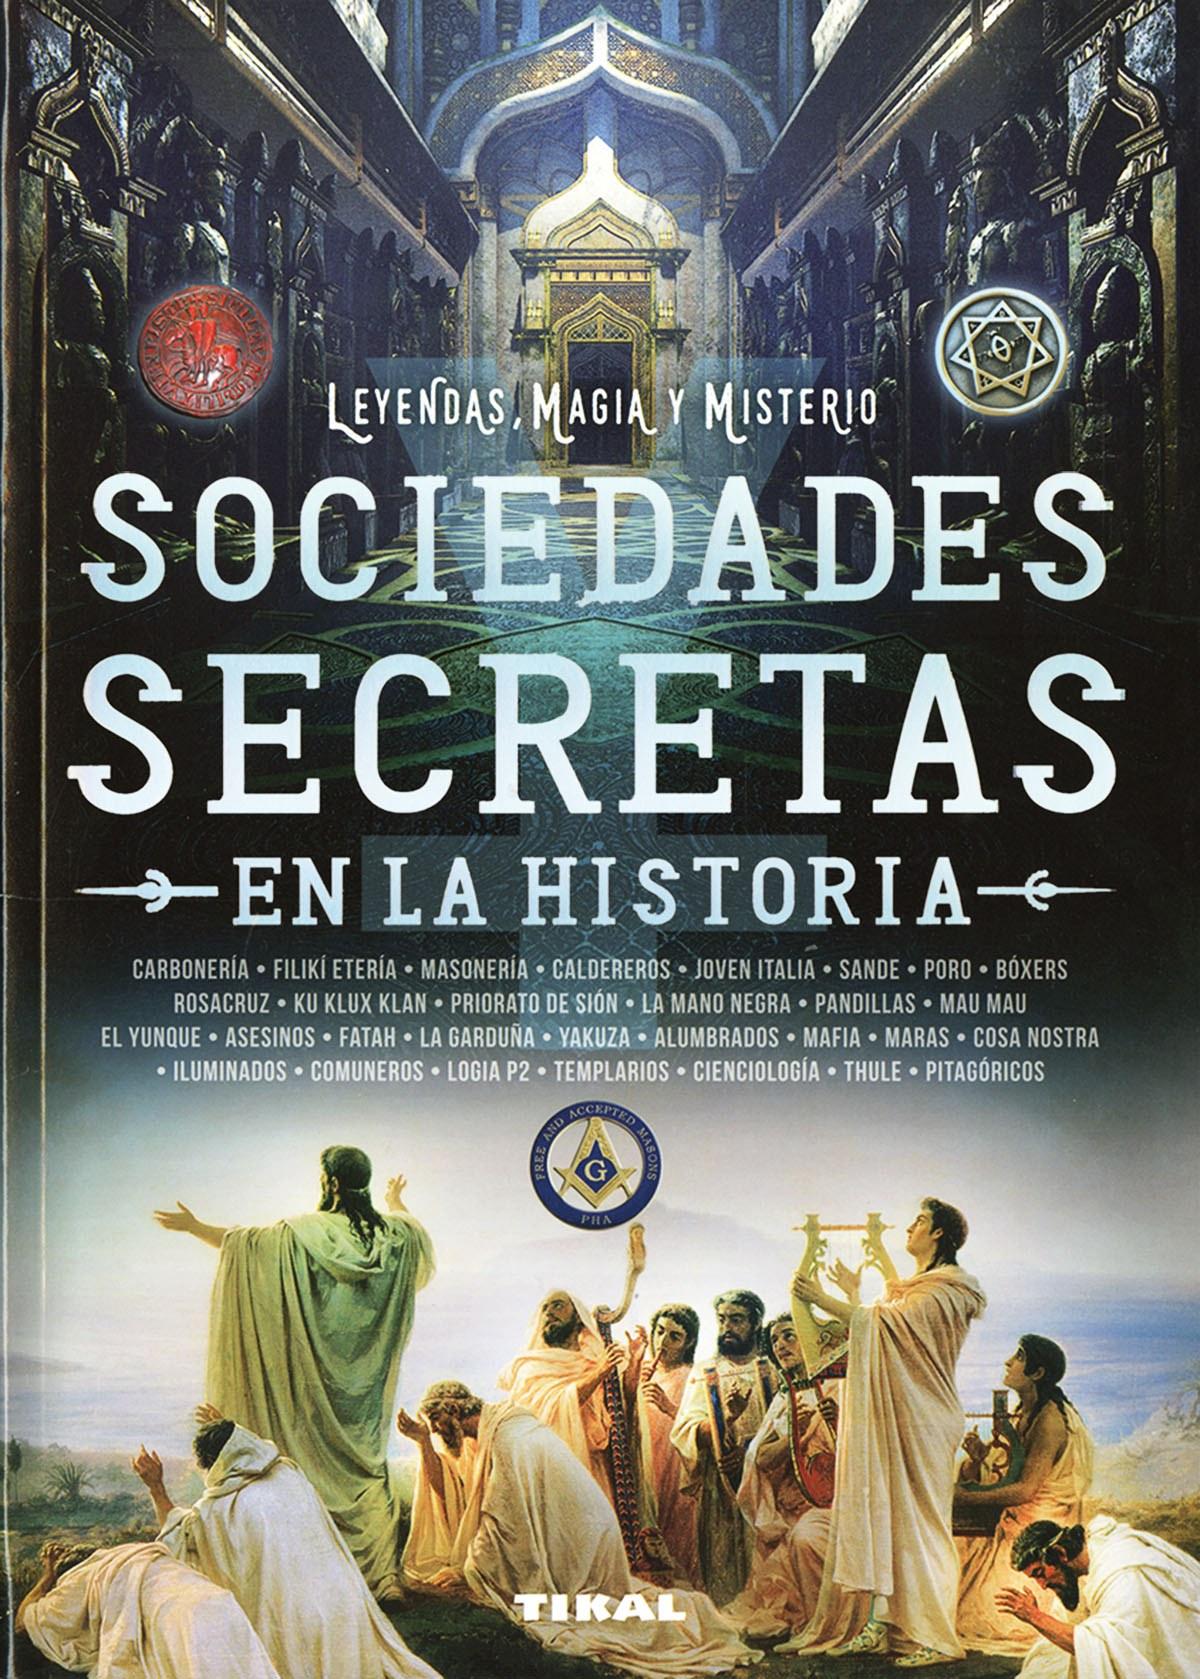 Sociedades secretas en la historia